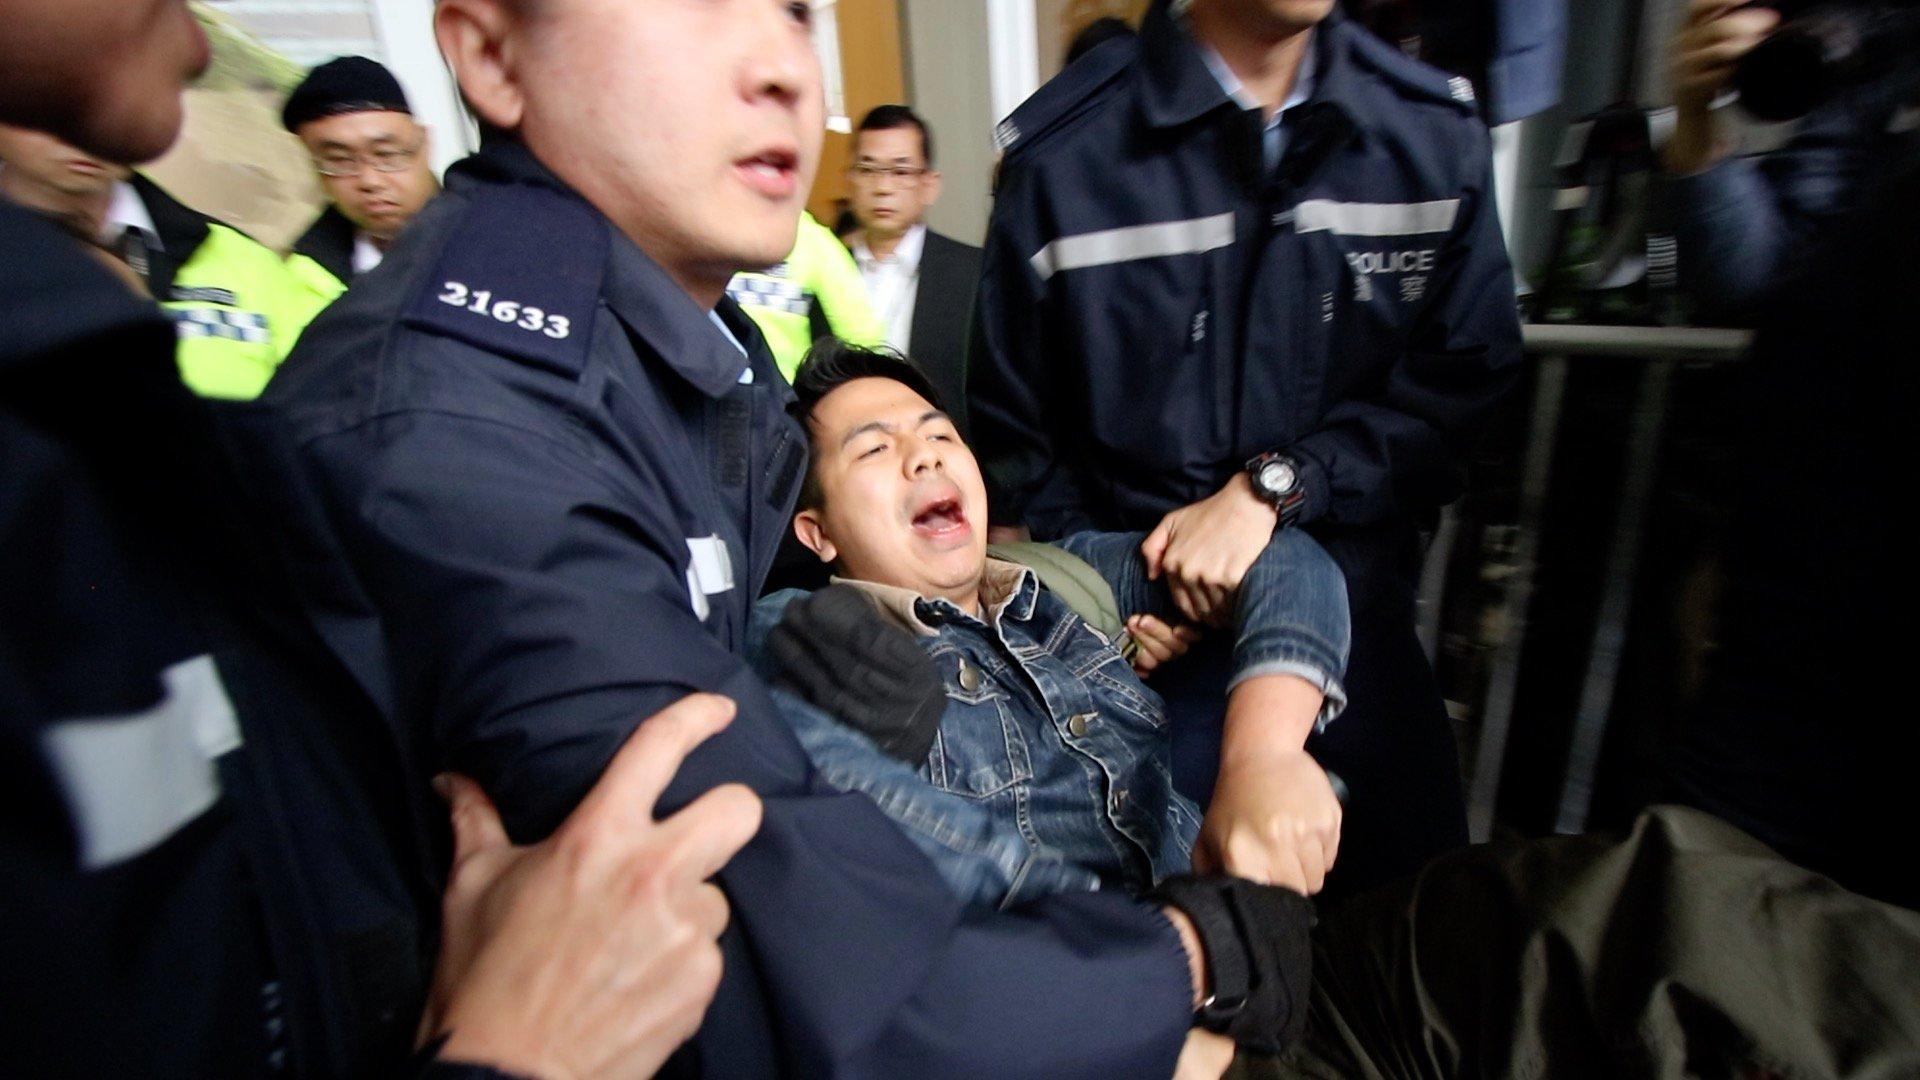 2019年9月3日早上,香港眾志主席林朗彥回港入境時被抓。圖為2019年3月15日,林朗彥被警察拘捕。(大紀元)